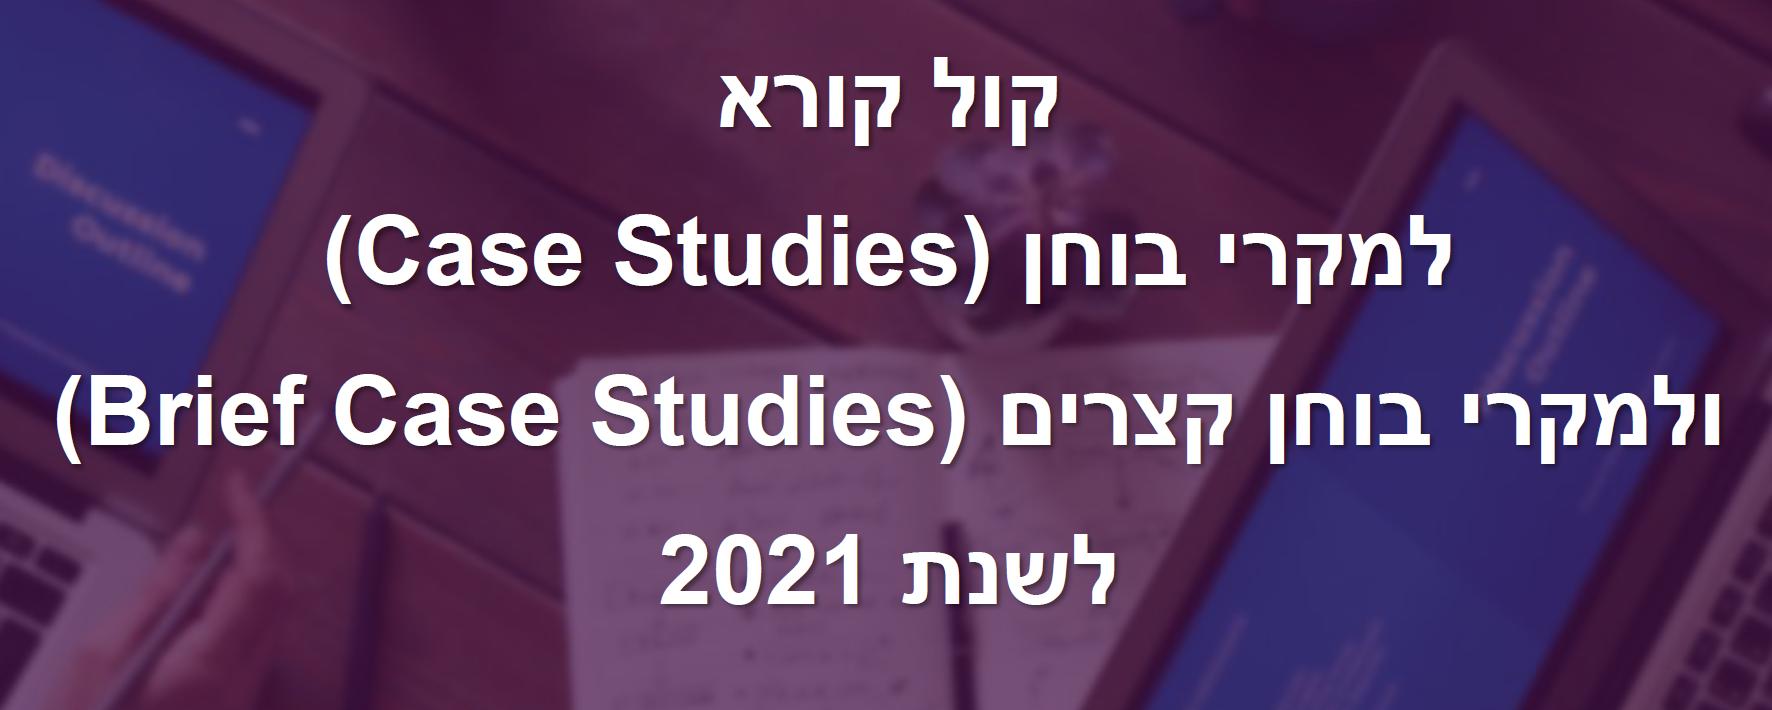 קול קורא למקרי בוחן Case Studies ולמקרי בוחן קצרים Brief Case Studies לשנת 2021